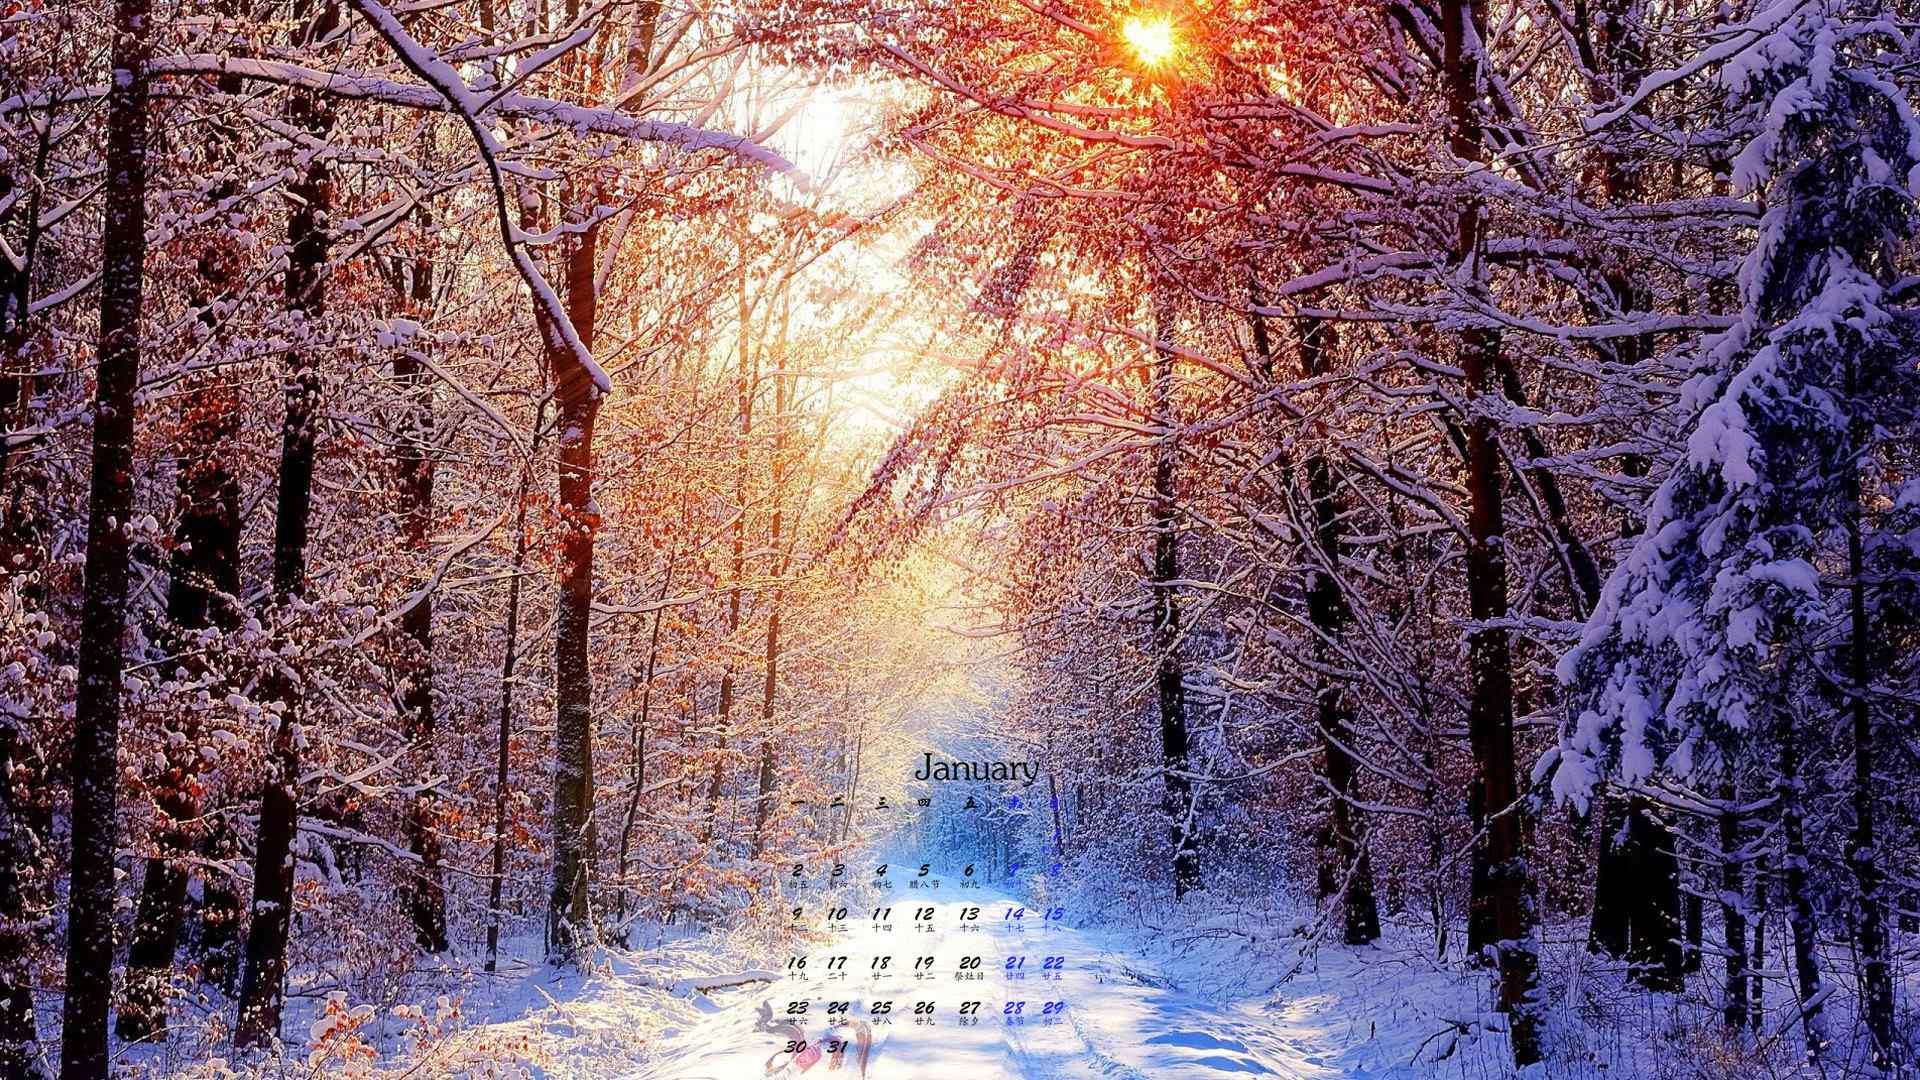 2017年1月日历唯美雪景高清桌面壁纸